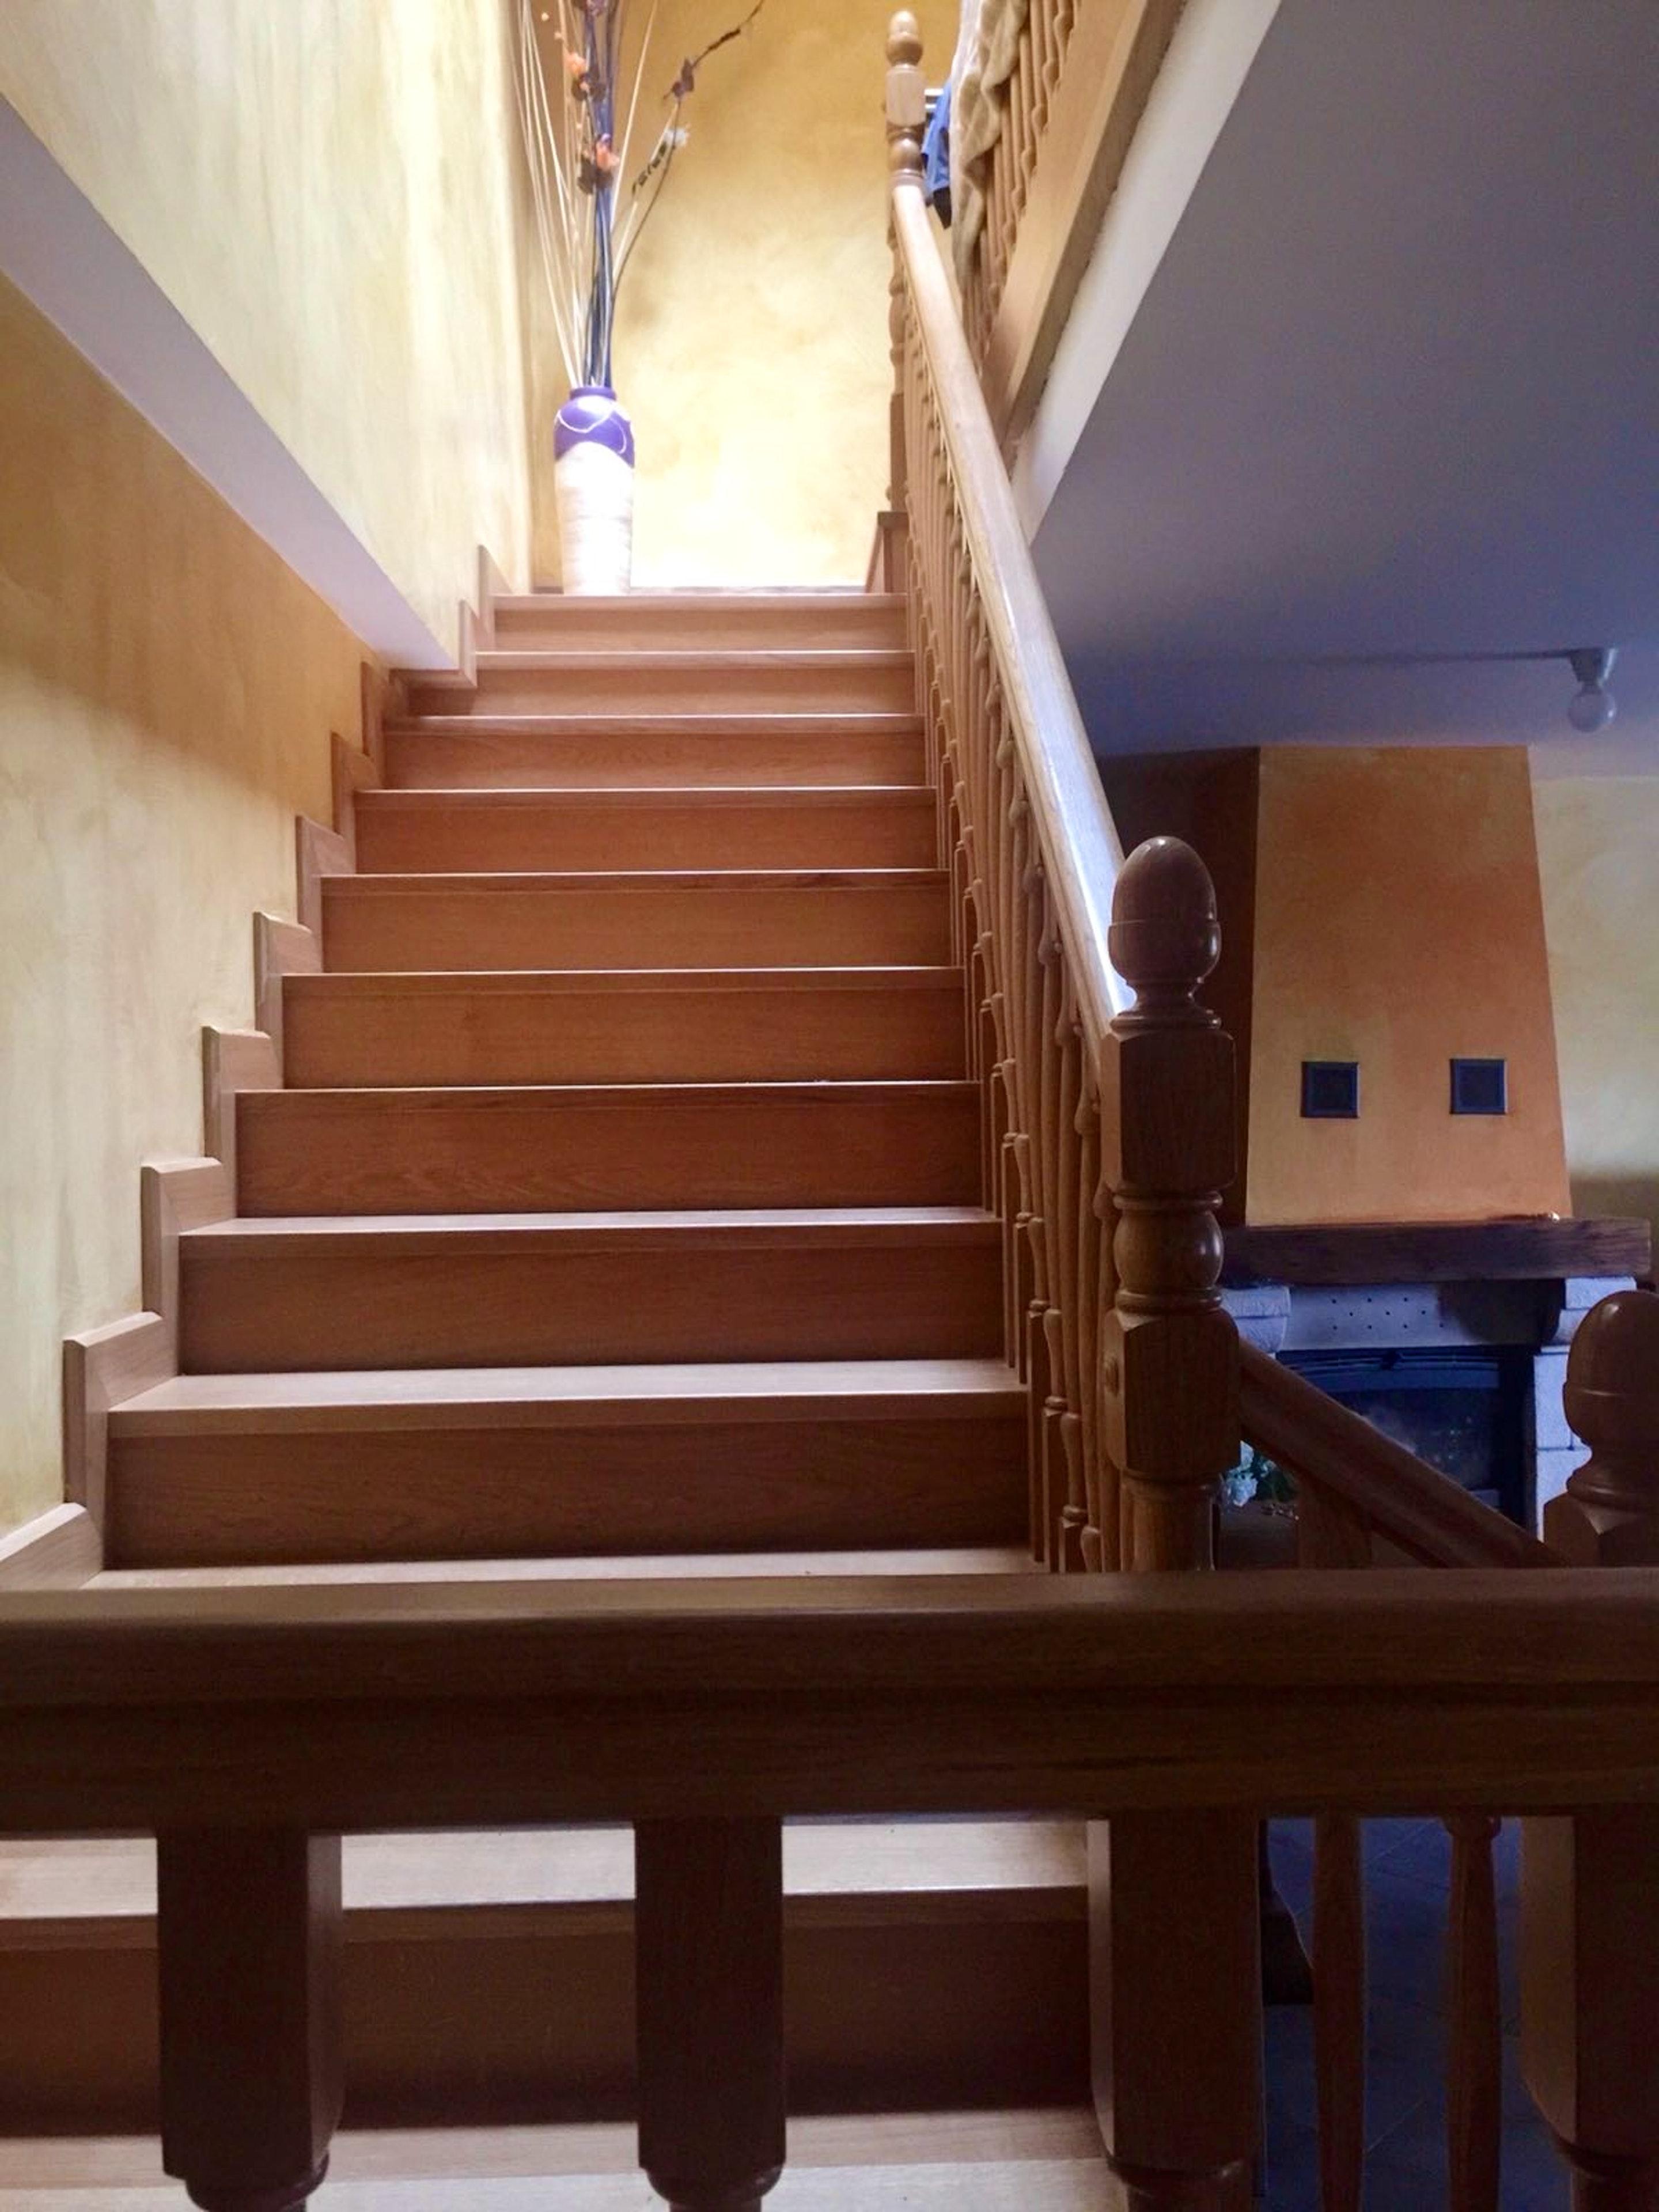 Ferienhaus Haus mit 3 Schlafzimmern in Arellano mit toller Aussicht auf die Berge und möblierter Terr (2420299), Arellano, , Navarra, Spanien, Bild 23